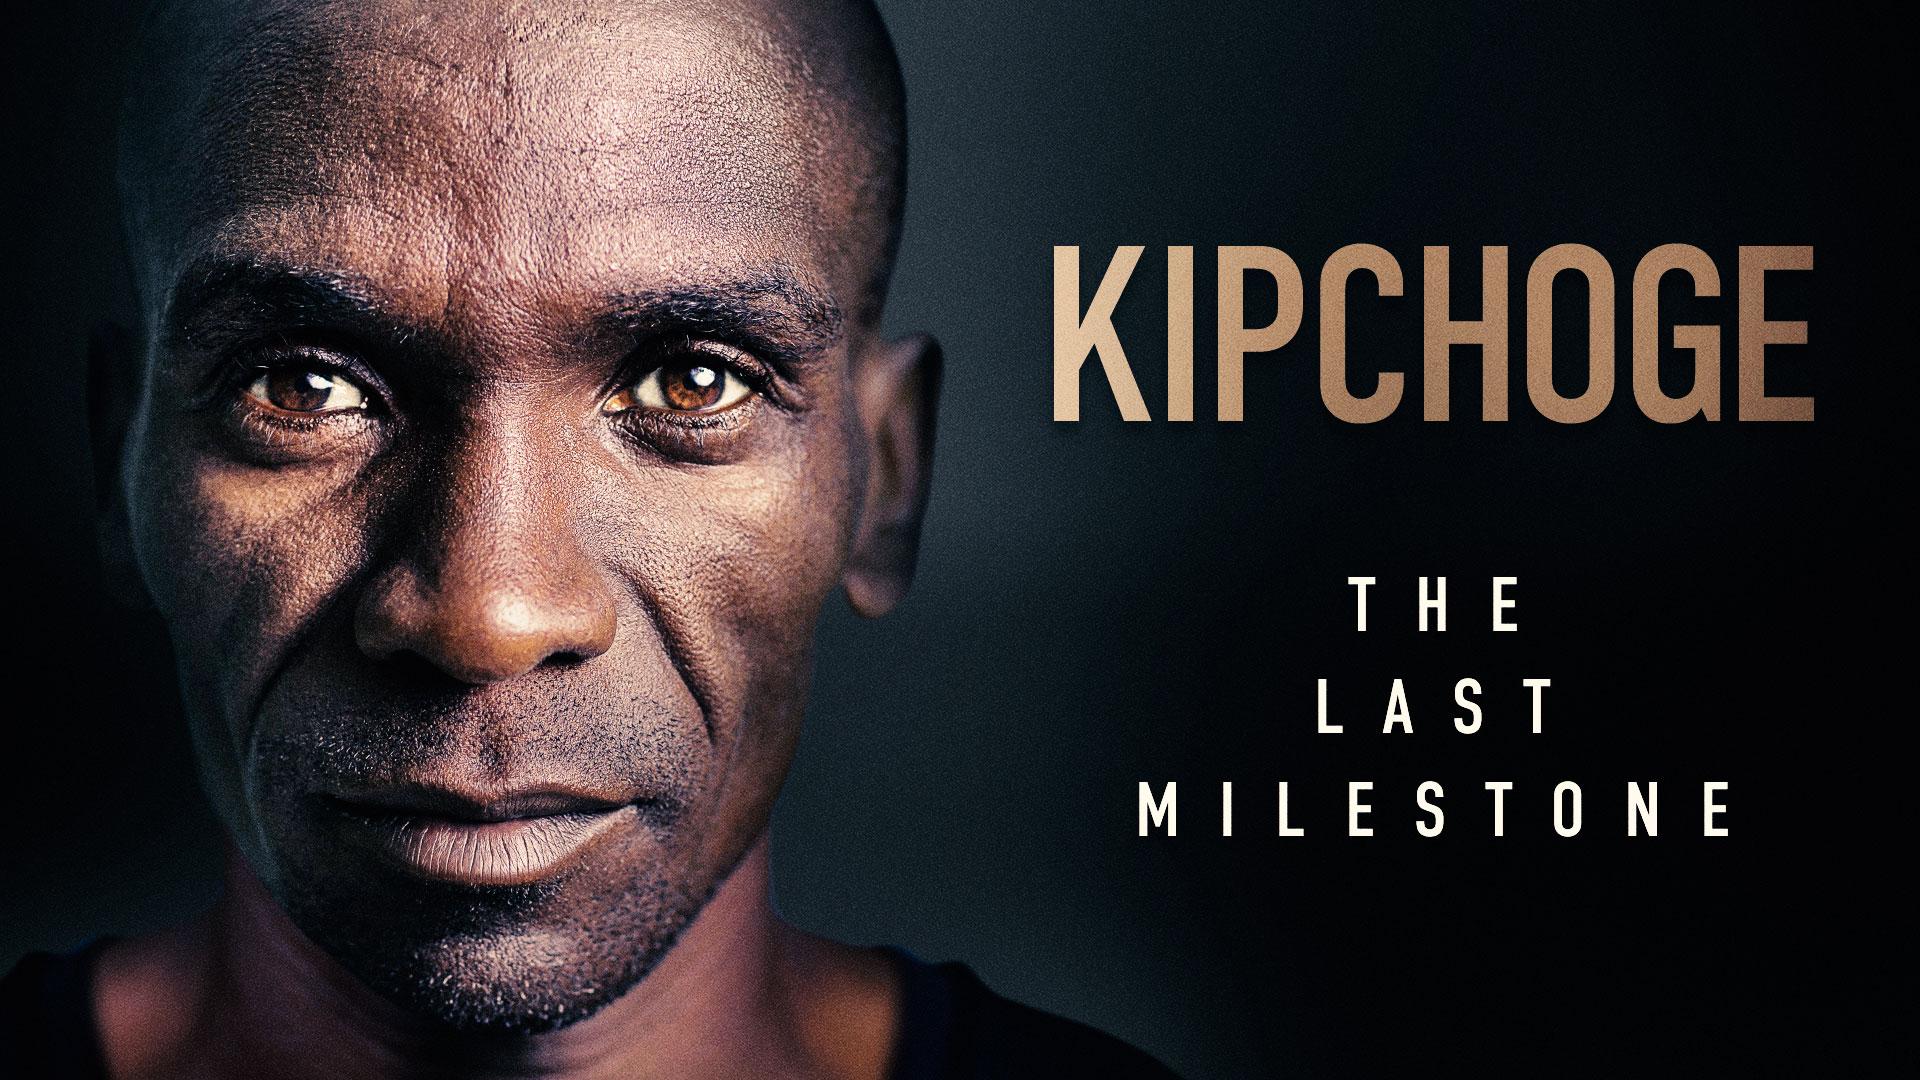 Kipchoge: The Last Milestone